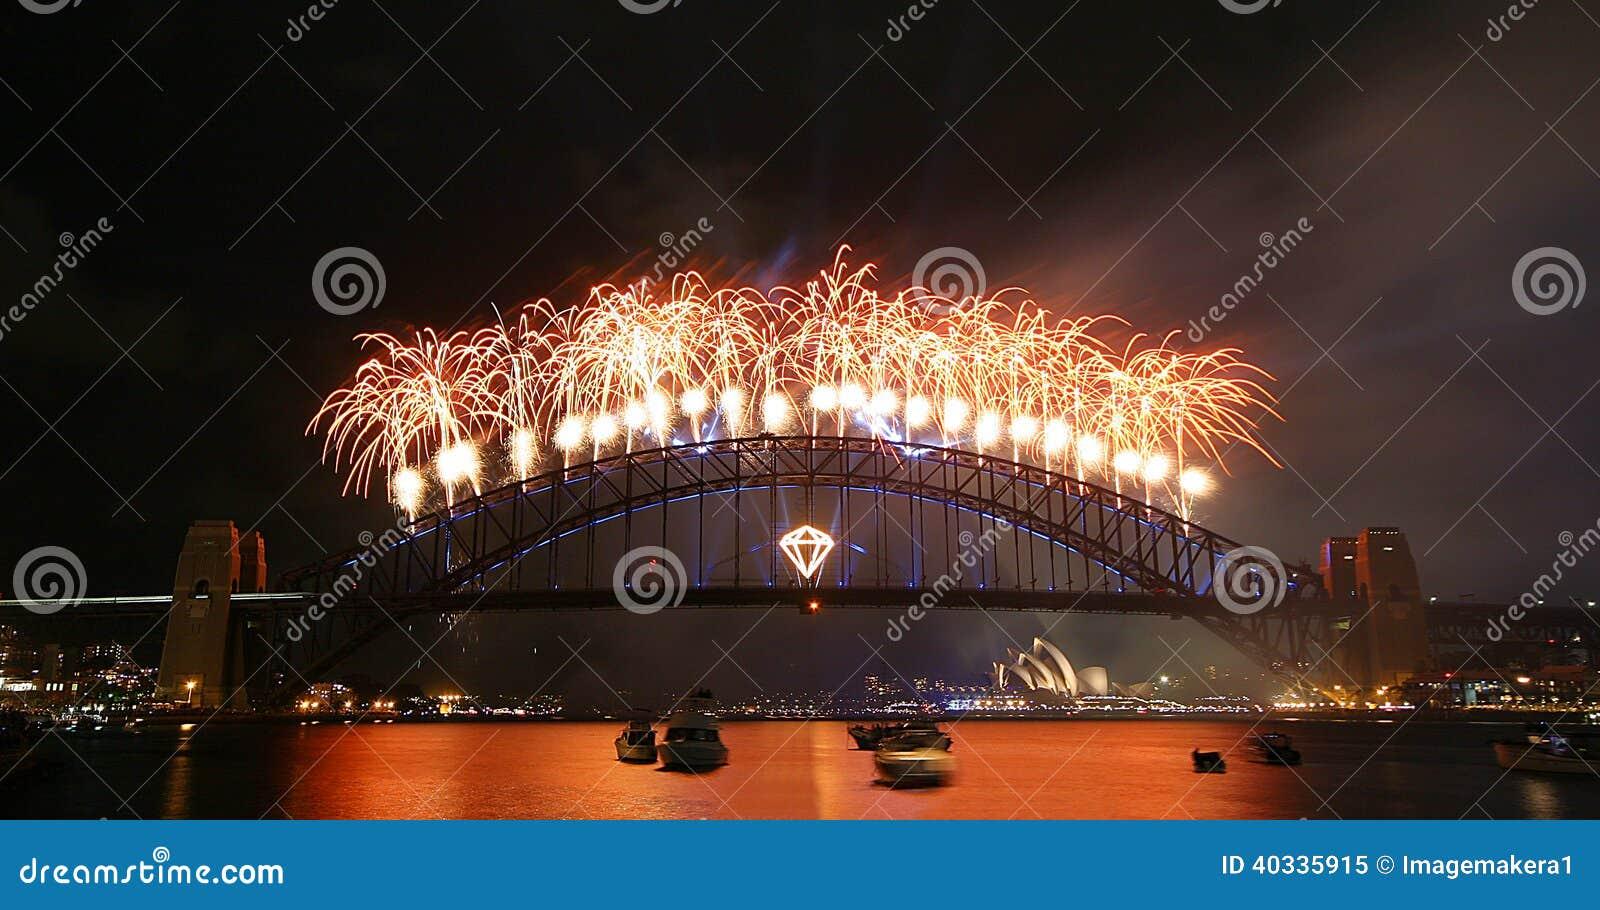 Displau dos fogos-de-artifício sobre a ponte do porto